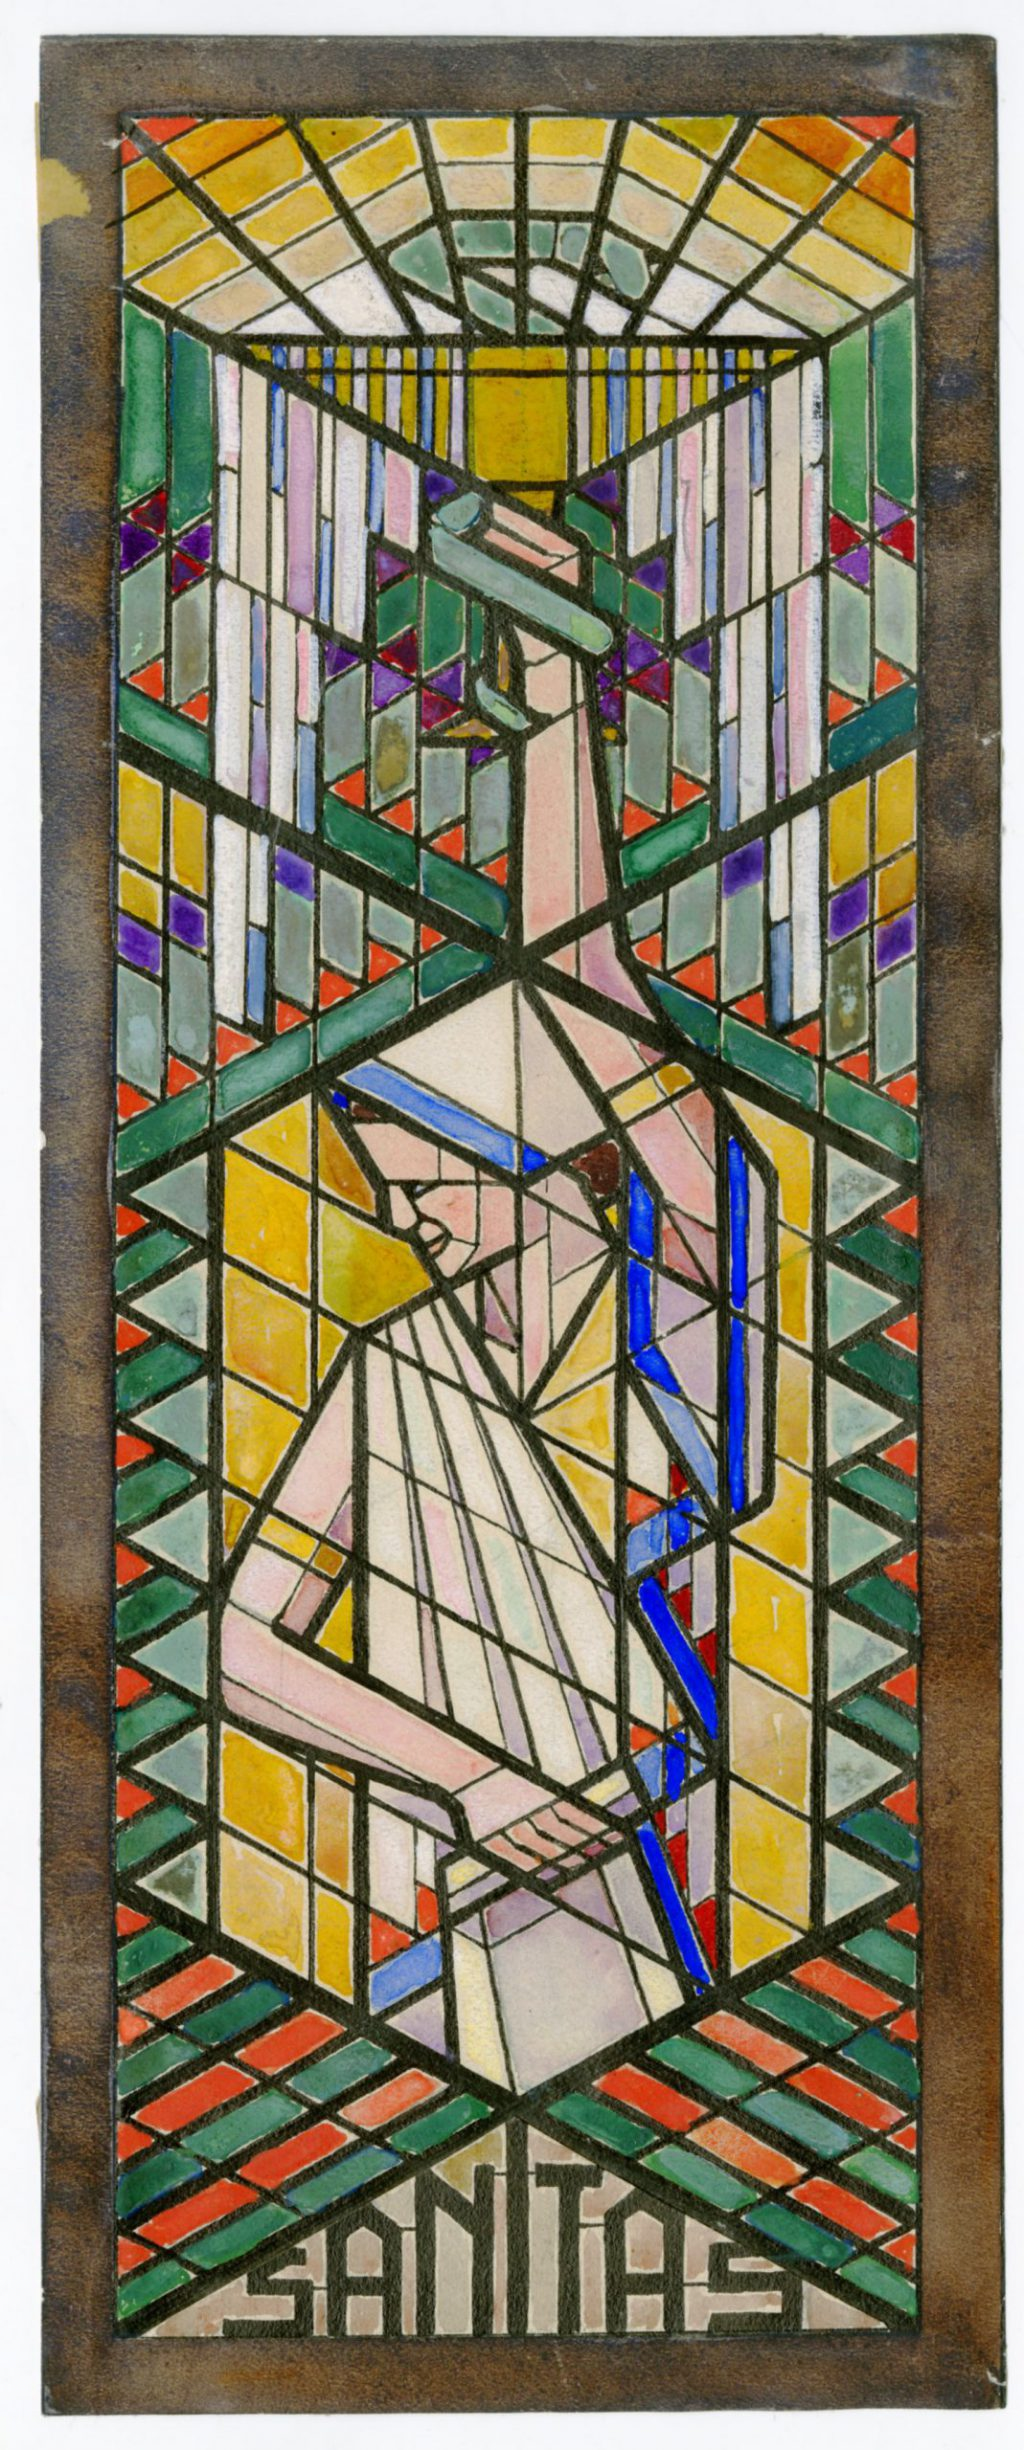 TMS 139203, Rijk van Lavieren, Schetsontwerp glas-in-loodraam 'Sanitas' Hippolytusziekenhuis, 1924